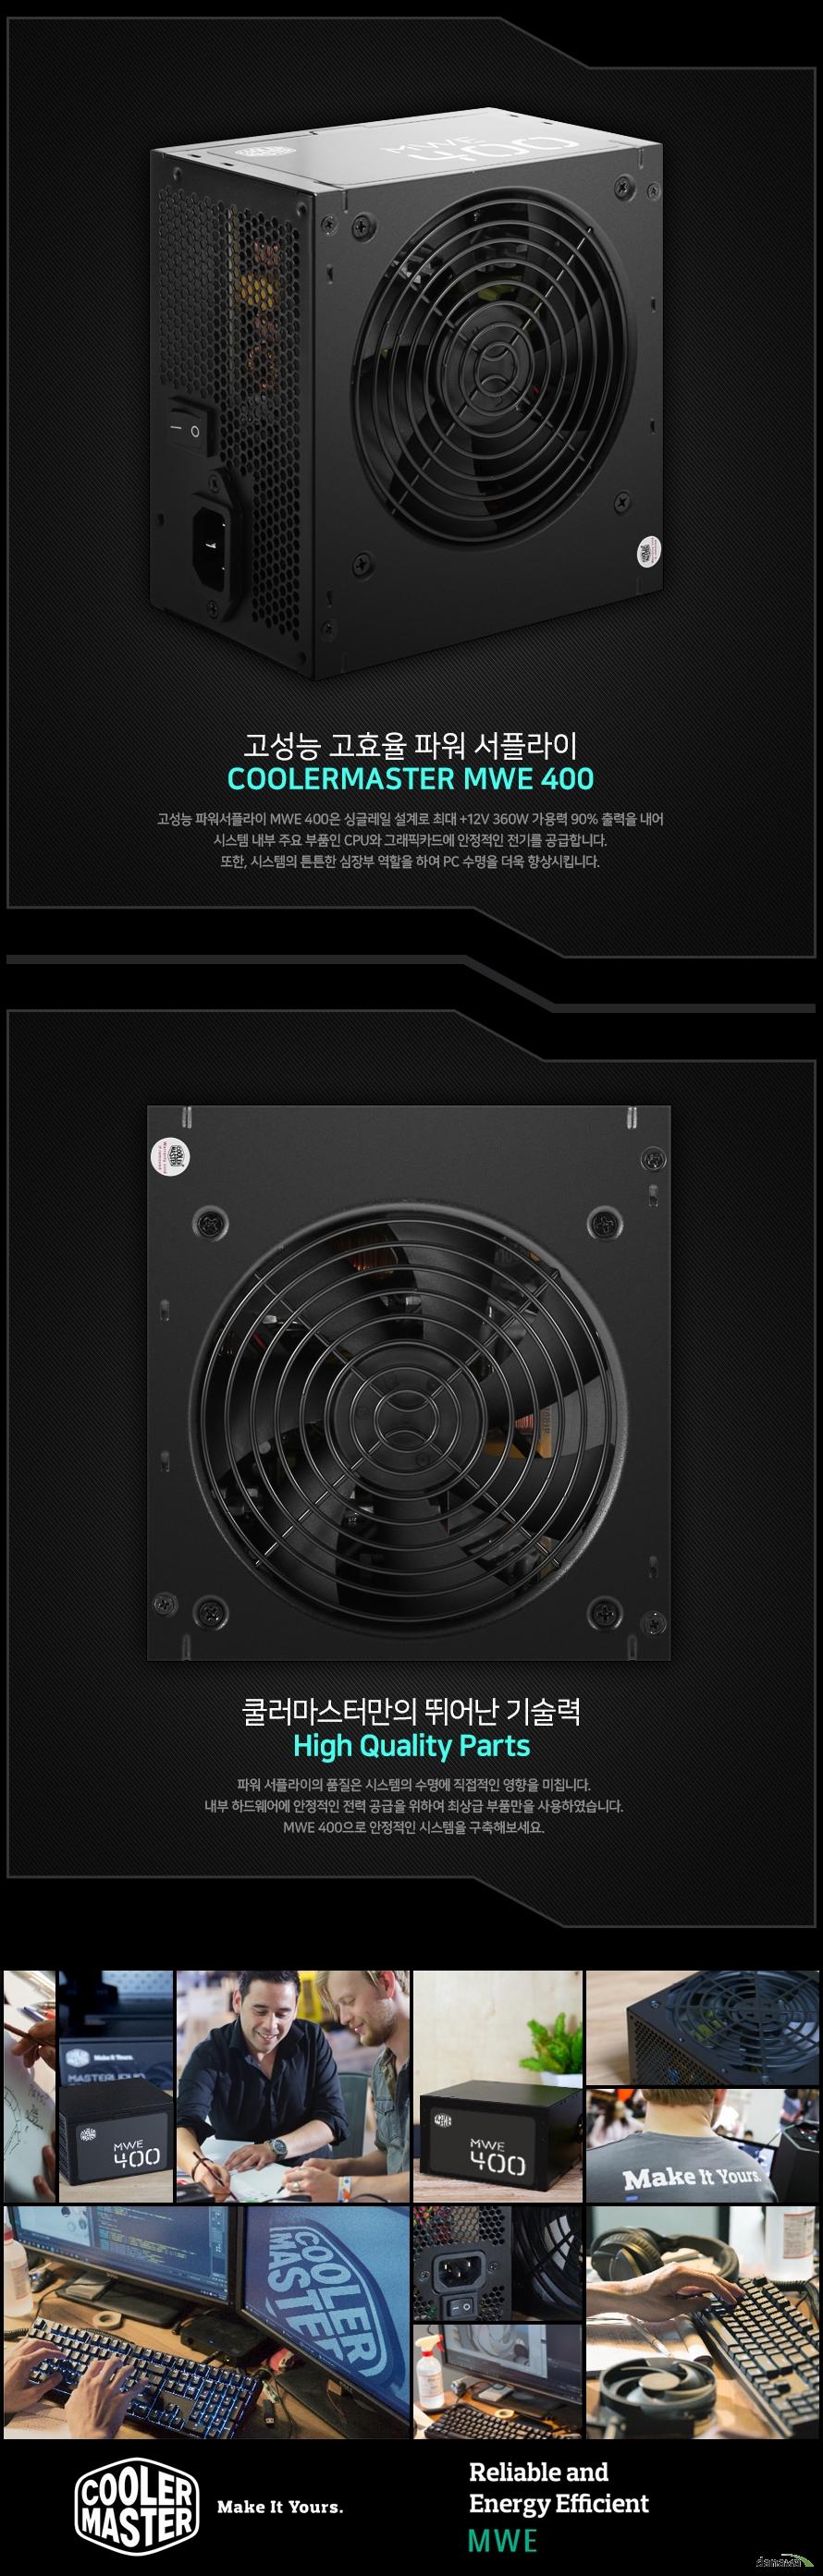 고성능 고효율 파워 서플라이COOLERMASTER MWE 400MWE 400은 싱글레일 설계로 최대 +12V 360W 가용력 90% 출력을 내어시스템 내부 주요 부품인 CPU와 그래픽카드에 안정적인 전기를 공급합니다.또한, 시스템의 튼튼한 심장부 역할을 하여 PC 수명을 더욱 향상시킵니다.쿨러마스터만의 뛰어난 기술력High Quality Parts 파워 서플라이의 품질은 시스템의 수명에 직접적인 영향을 미칩니다.내부 하드웨어에 안정적인 전력 공급을 위하여 최상급 부품만을 사용하였습니다.MWE 400으로 안정적인 시스템을 구축해보세요.